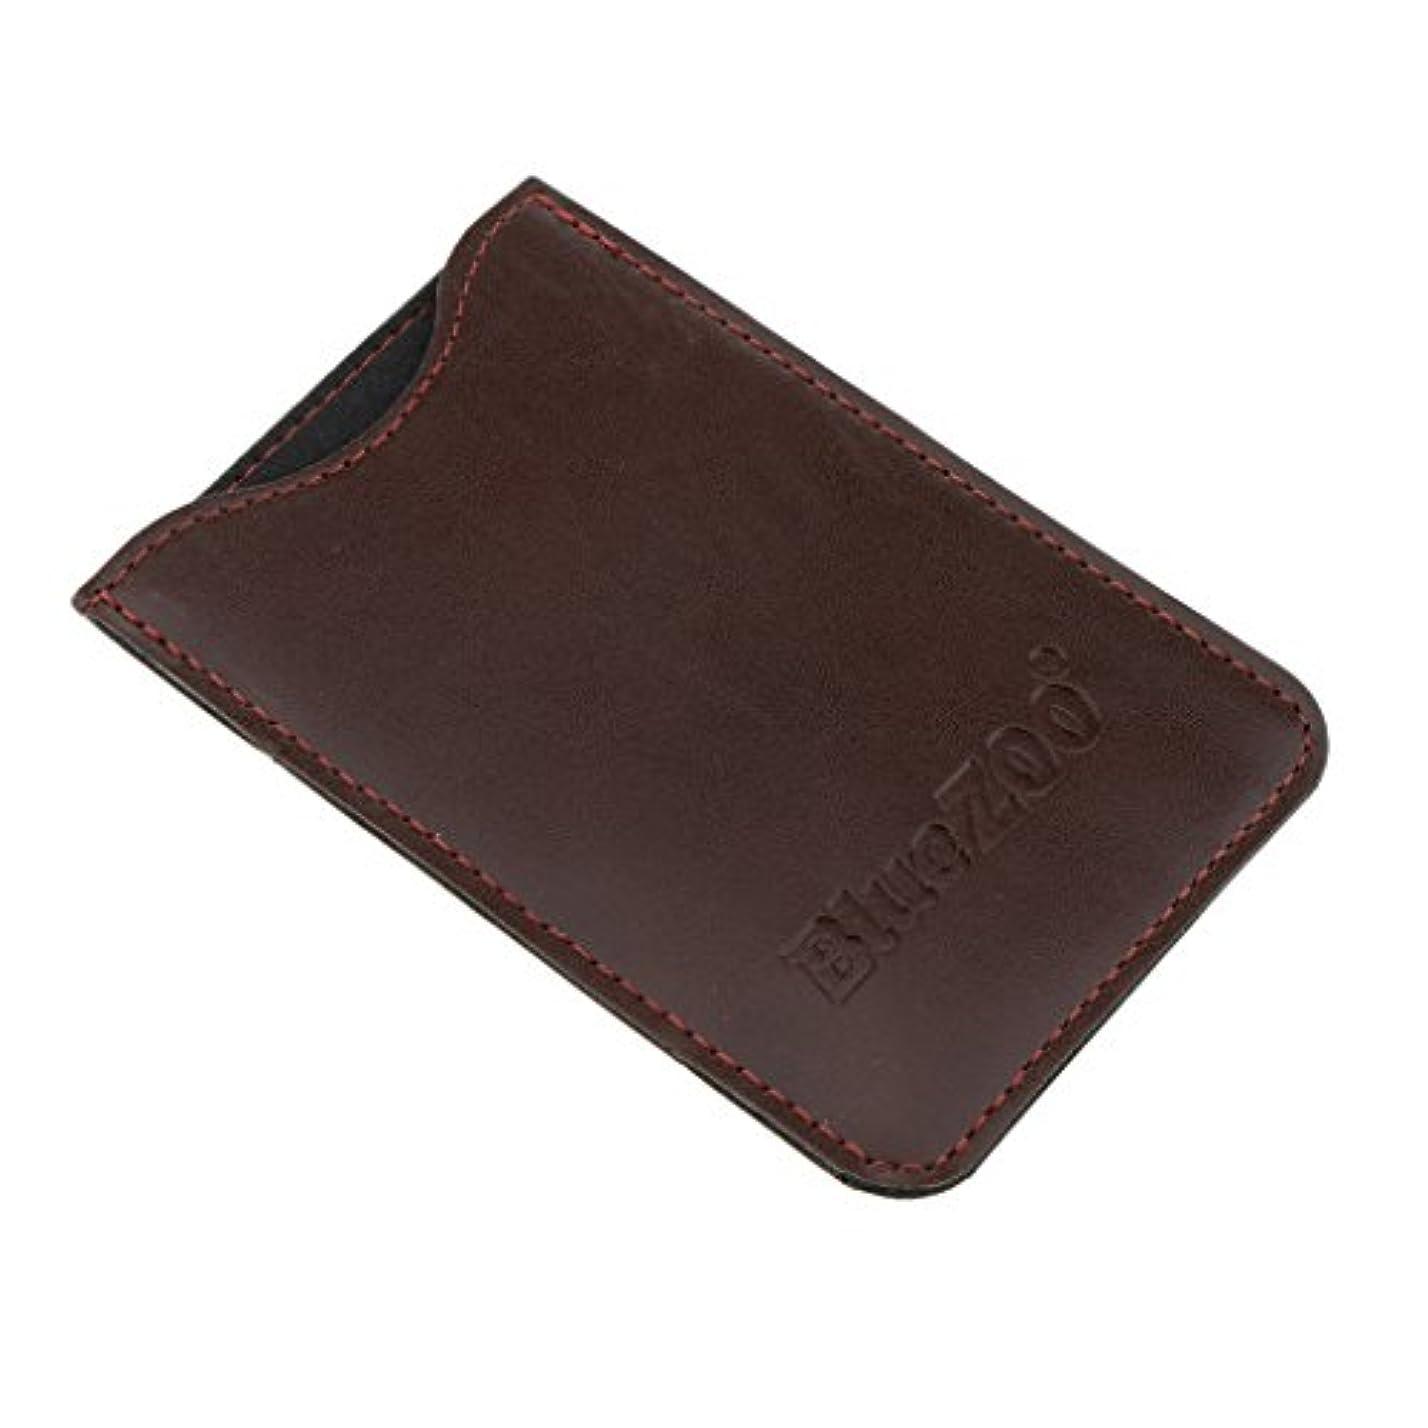 露骨なしなければならない開示するPUレザー バッグ 収納ケース 保護カバー 櫛/名刺/IDカード/銀行カード 収納パック 便利 全2色 - 褐色